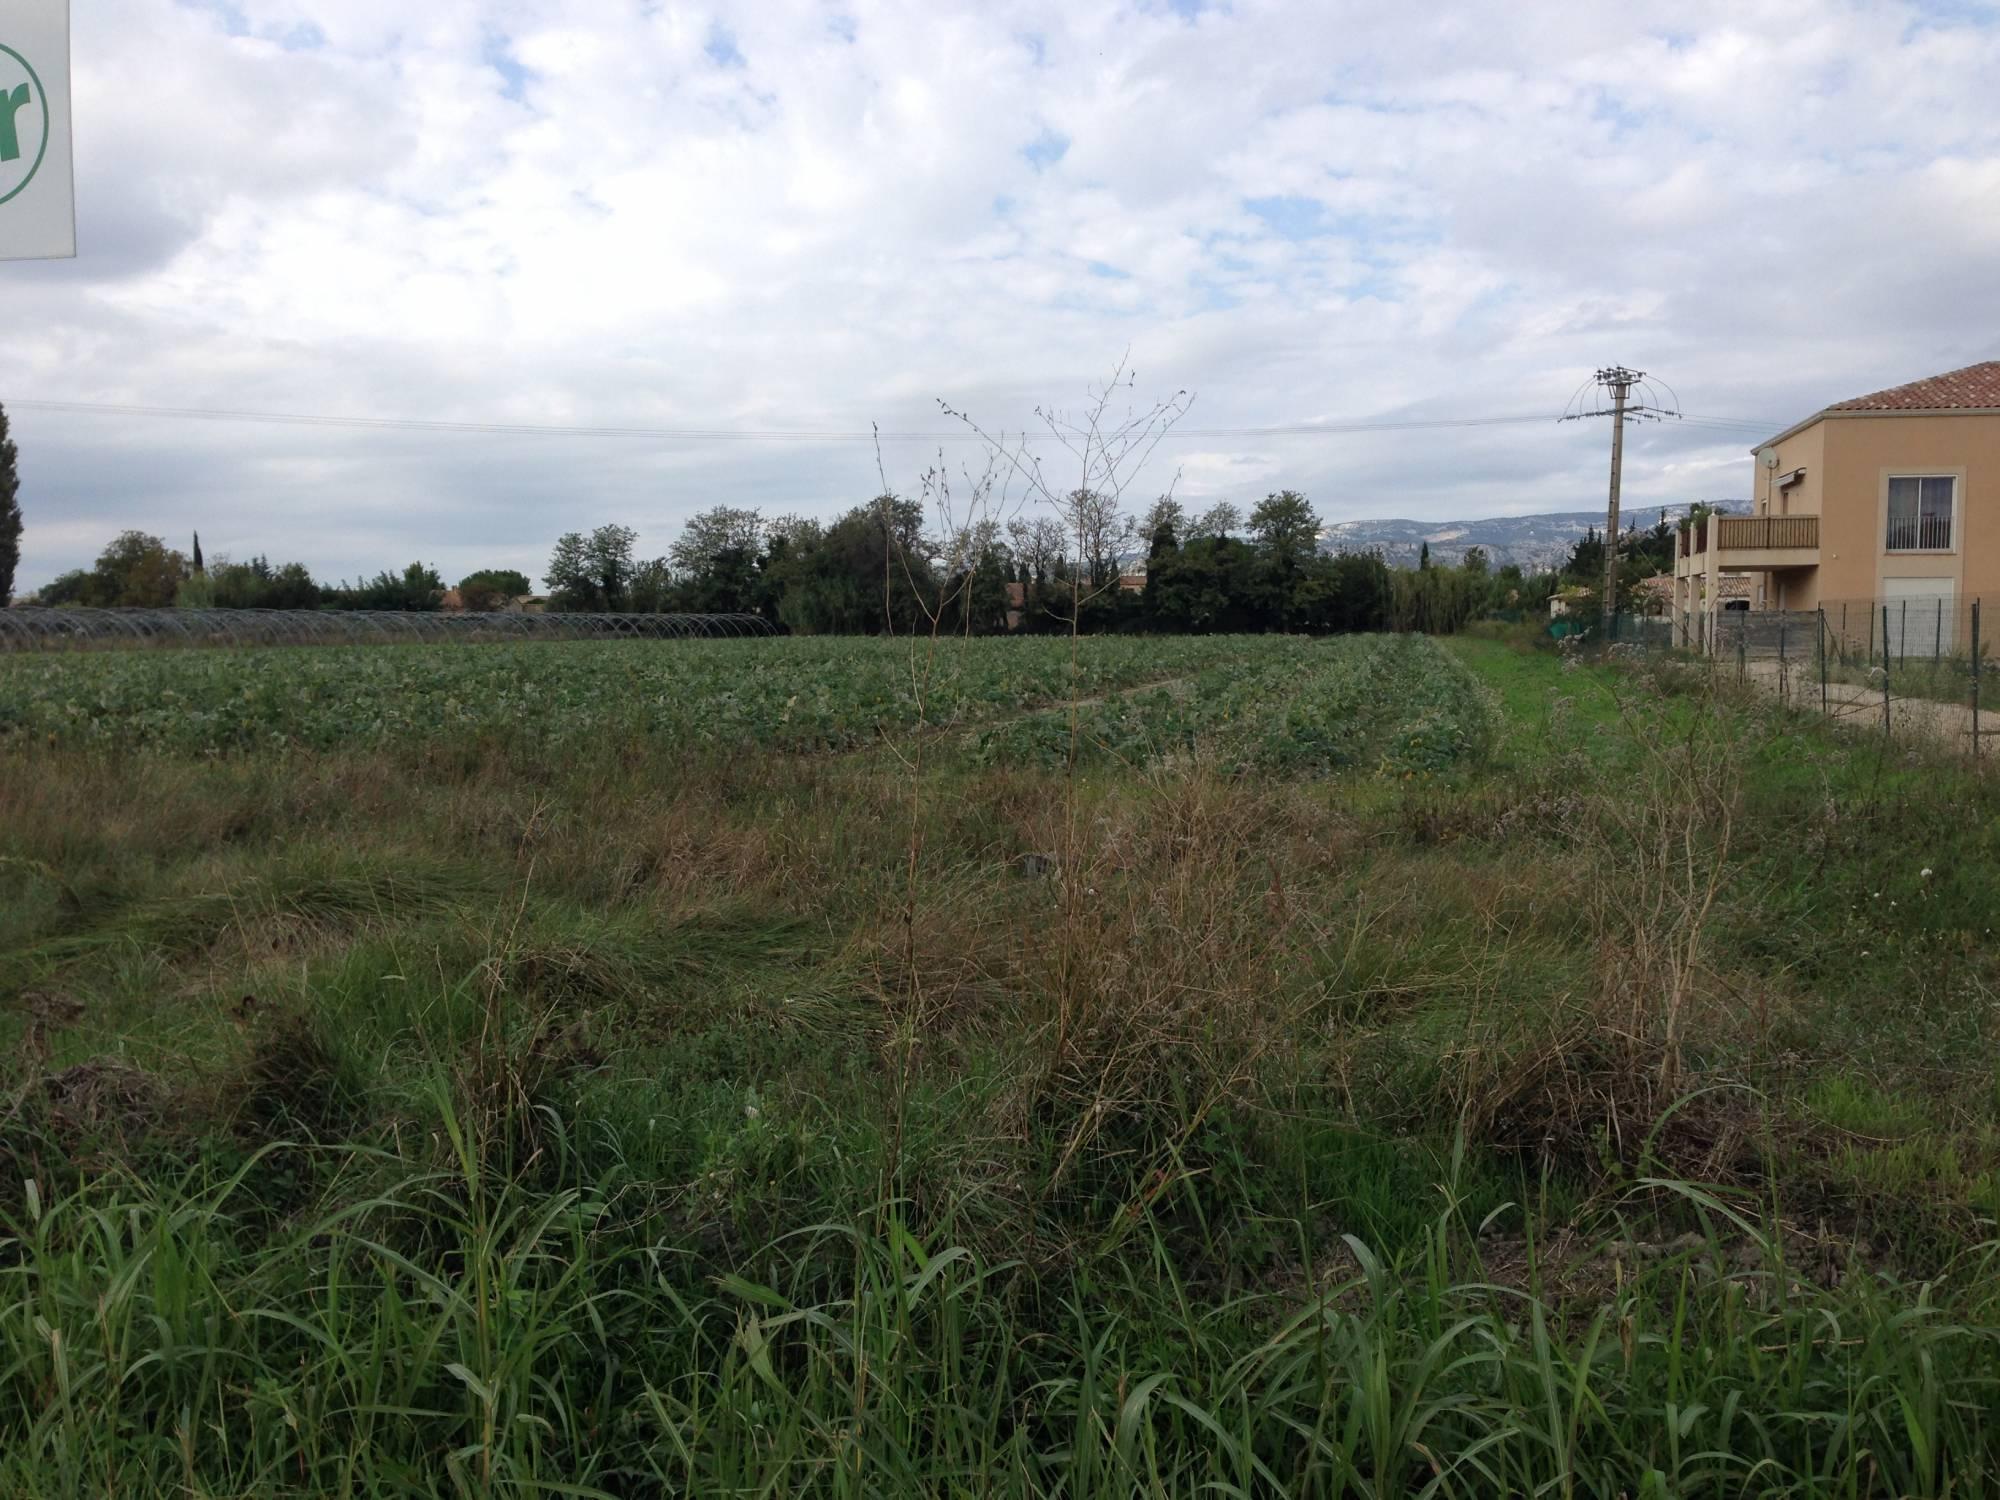 Terrain constructible mallemort 13370 de 800m2 azur logement proven al - Terrain a vendre salon de provence ...